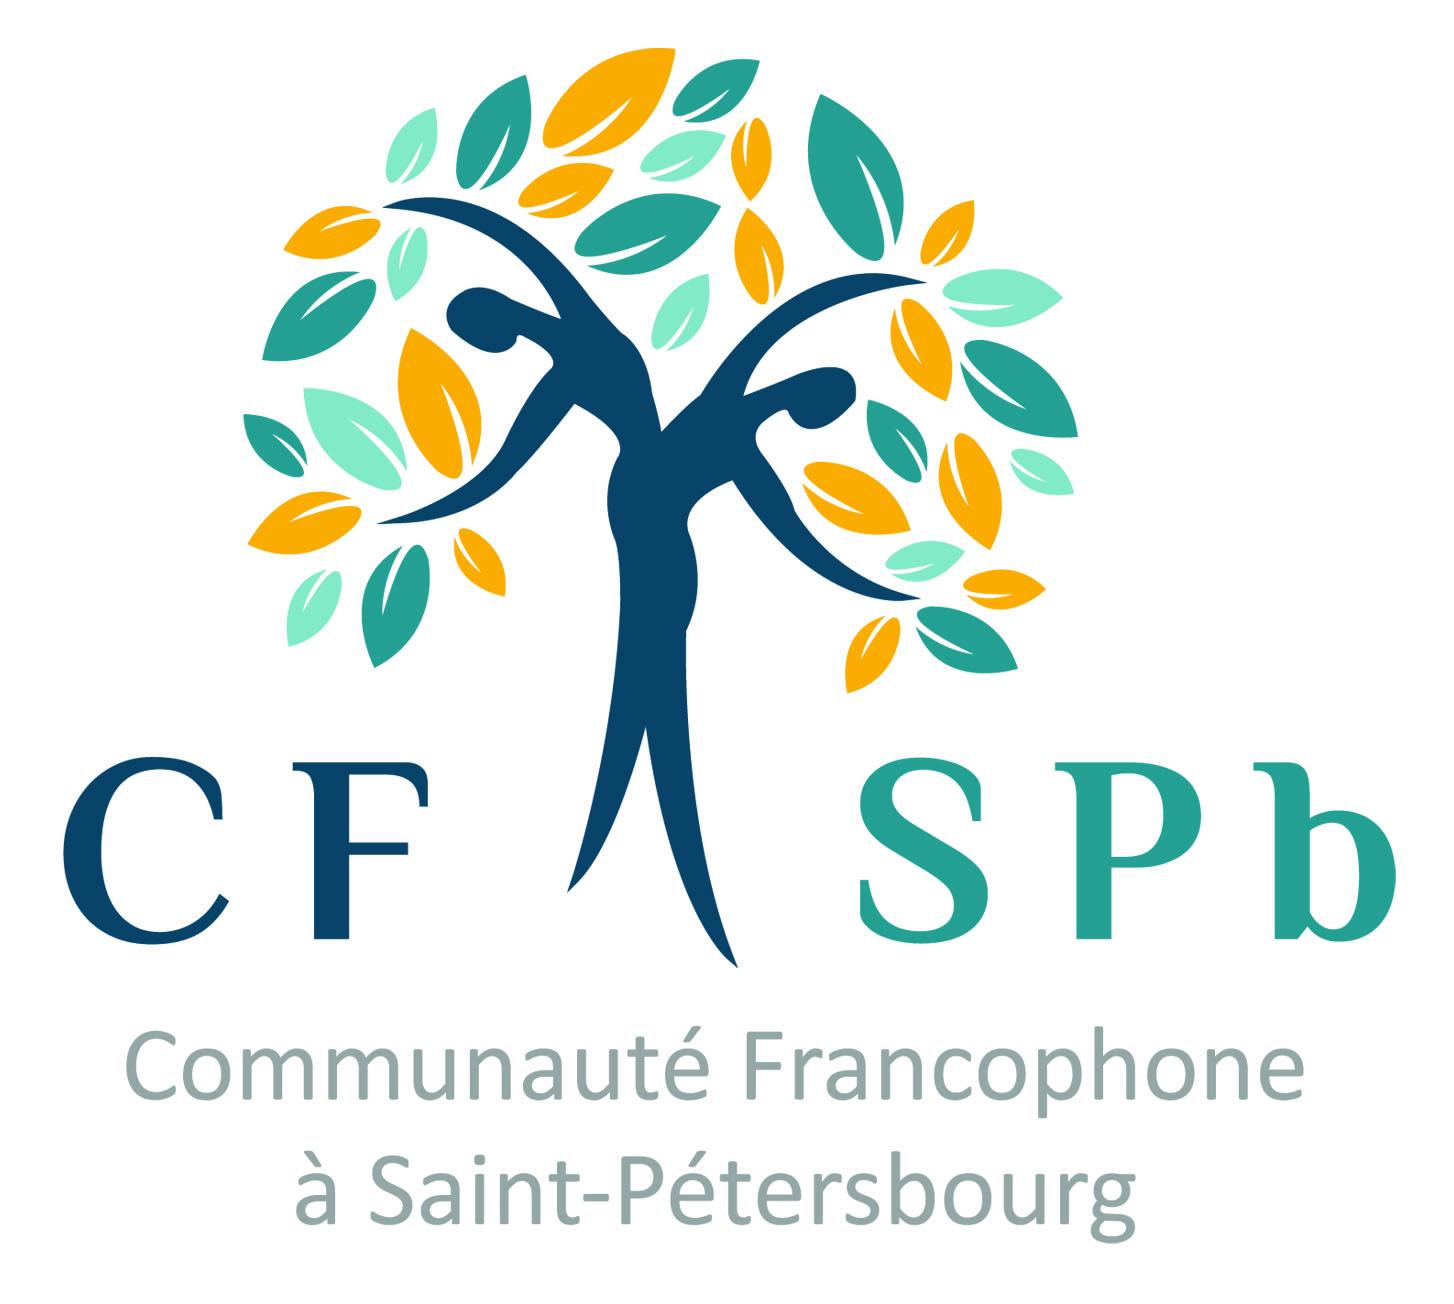 CFSPb